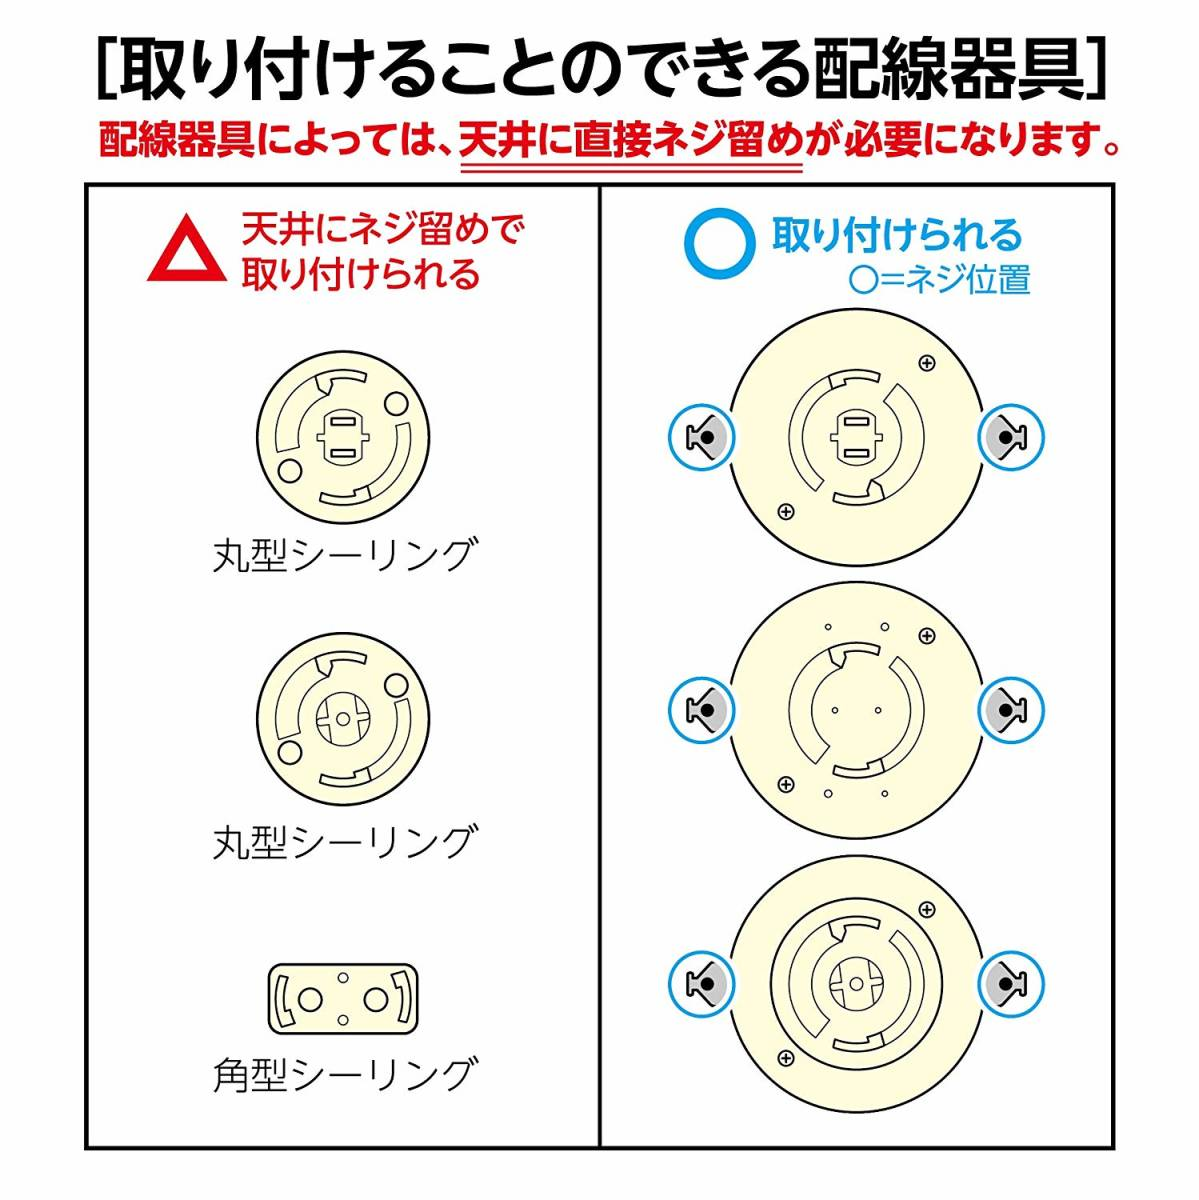 LED シーリングサーキュレーター ルミナス ~8畳 調光調色タイプ 光拡散レンズ搭載 シンプルリモコン付き ACC-08CM154_画像9